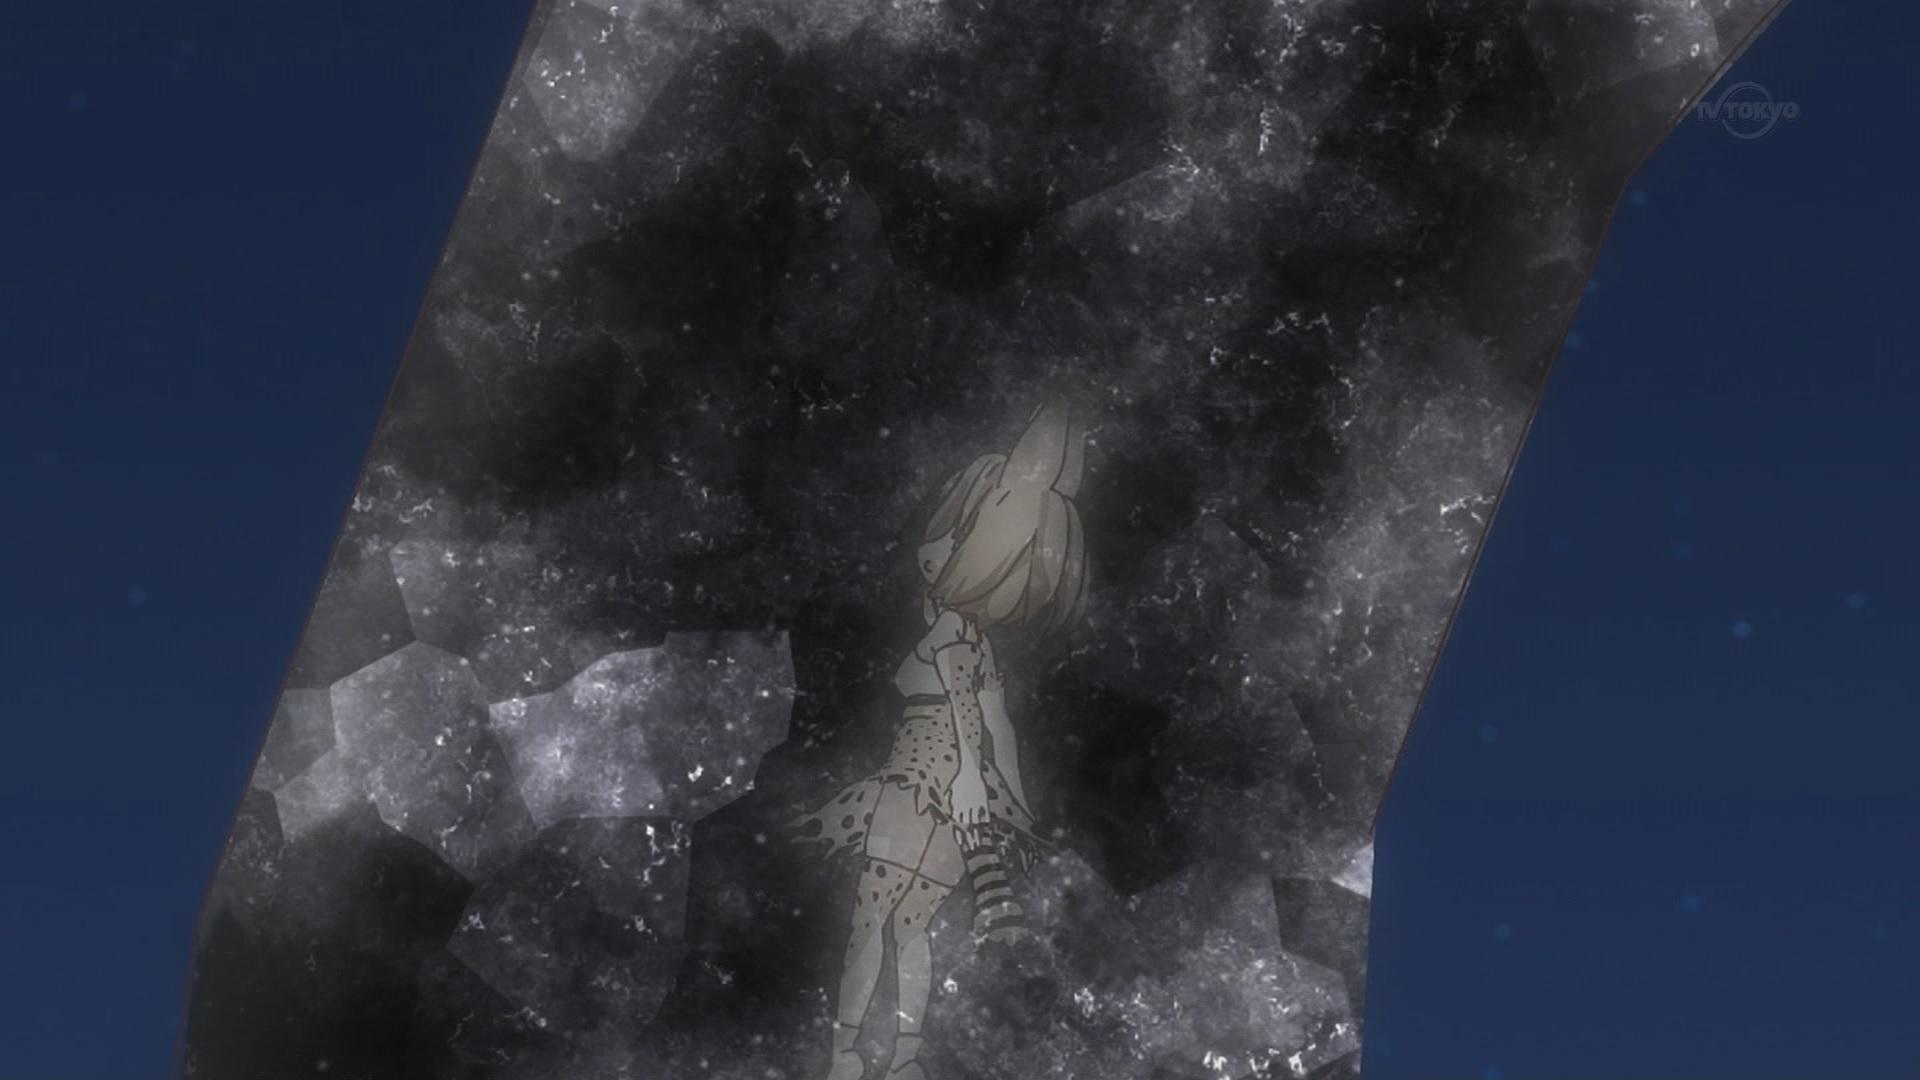 セルリアンに取り込まれるサーバルちゃん(けものフレンズ11話画像)